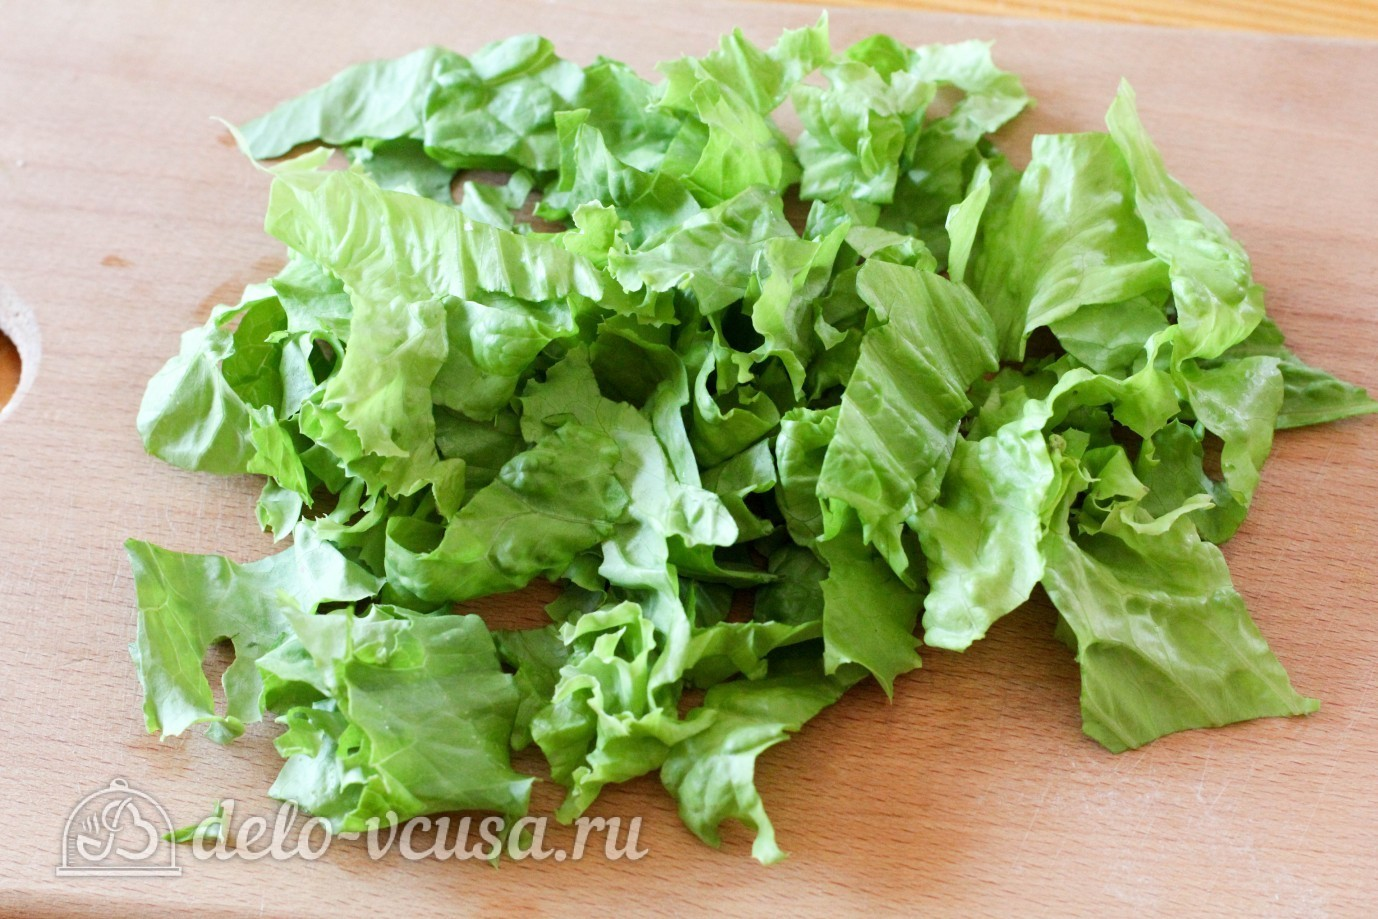 Салат с огурцом и яйцом: Помыть и нарезать листья салата